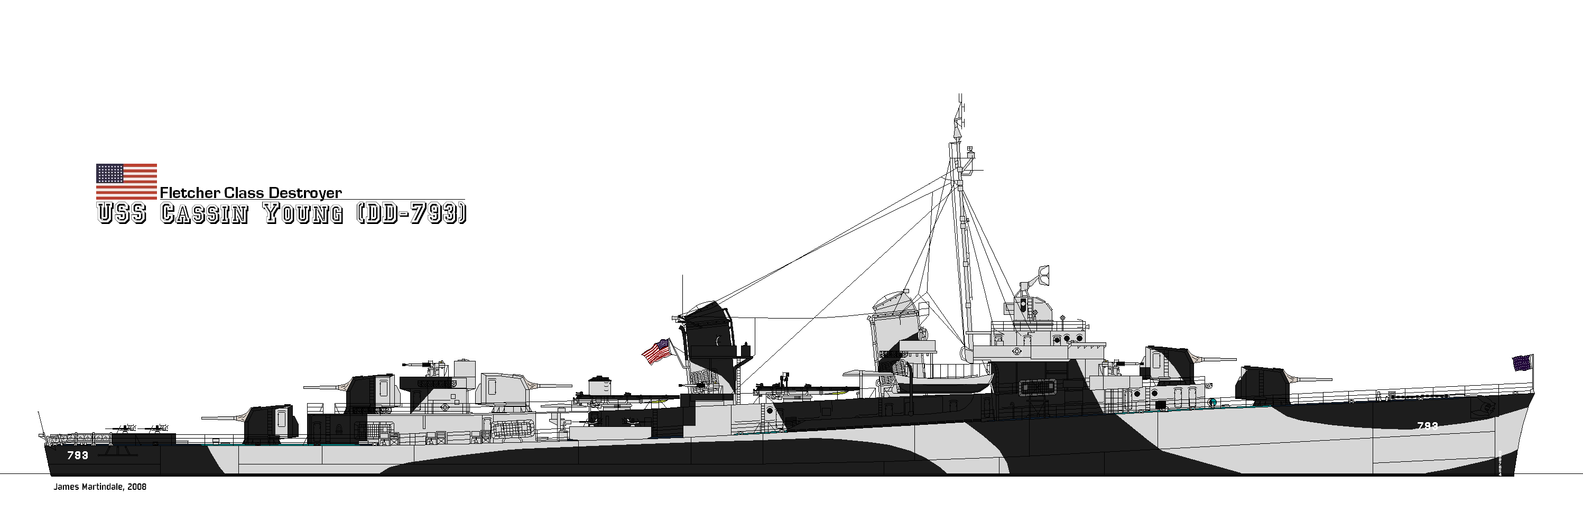 Fletcher Class Destroyer by PhantomofTheRuhr